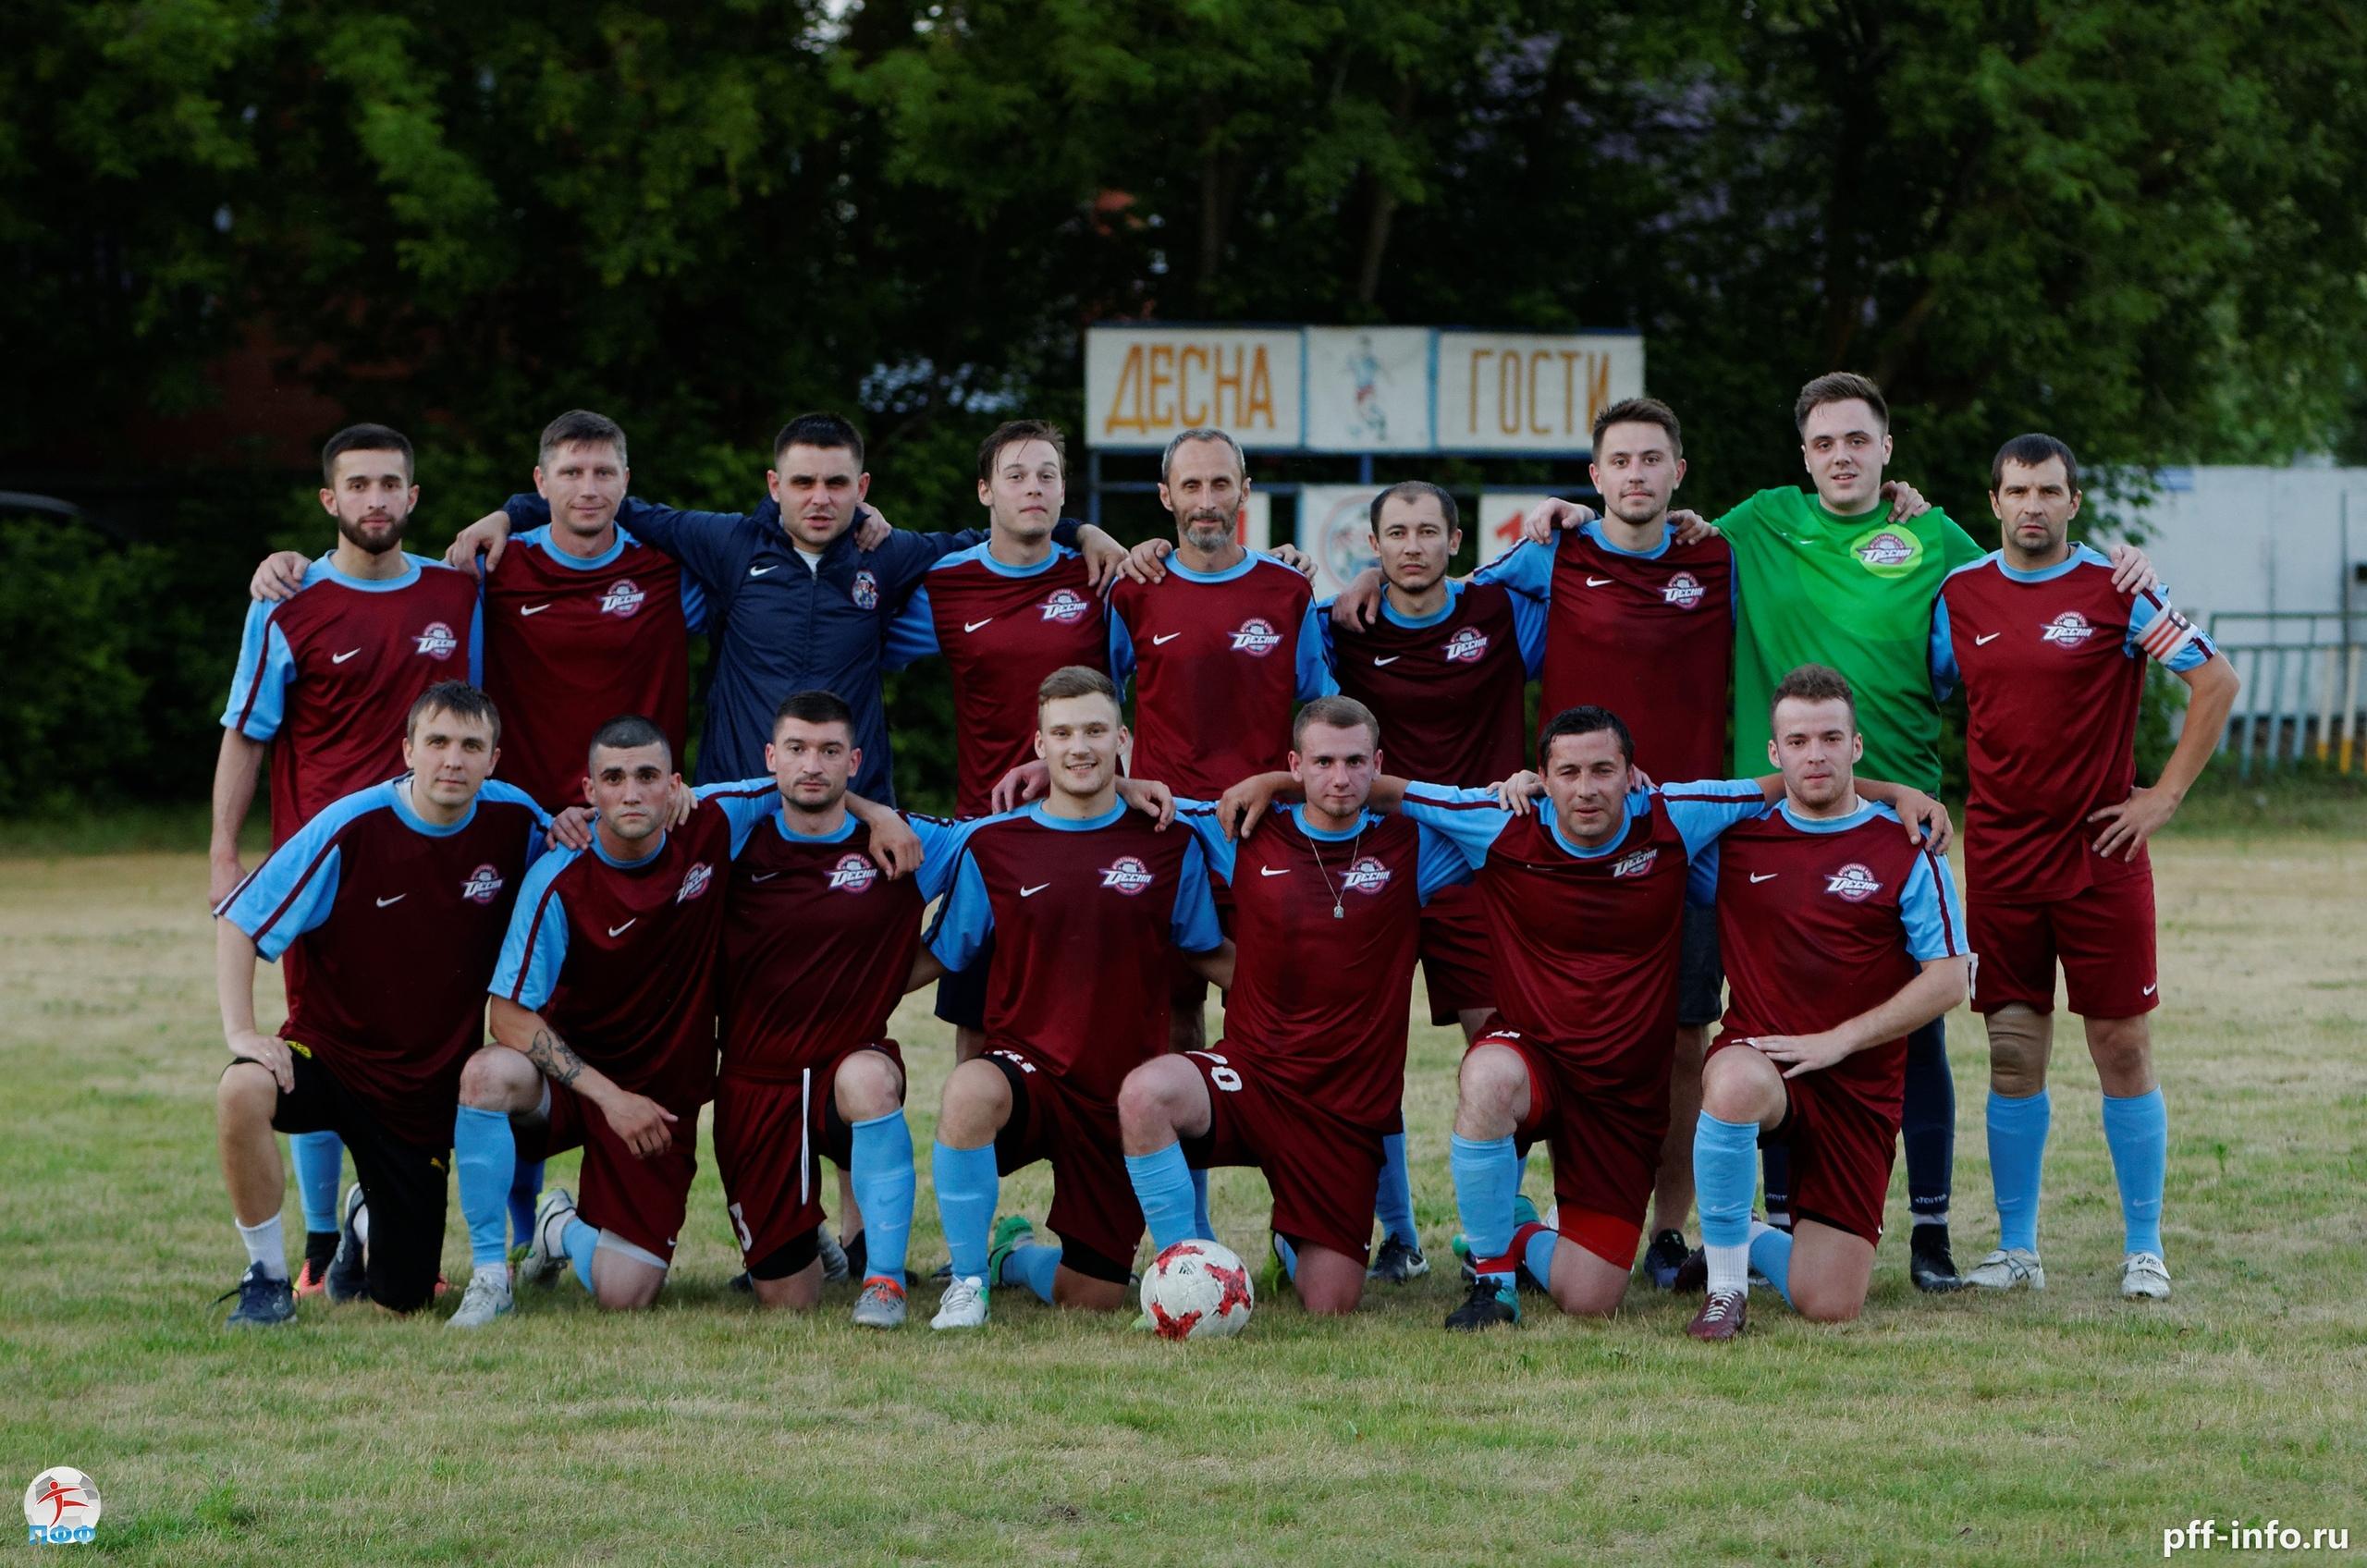 «Десна» – чемпион Подольска по футболу